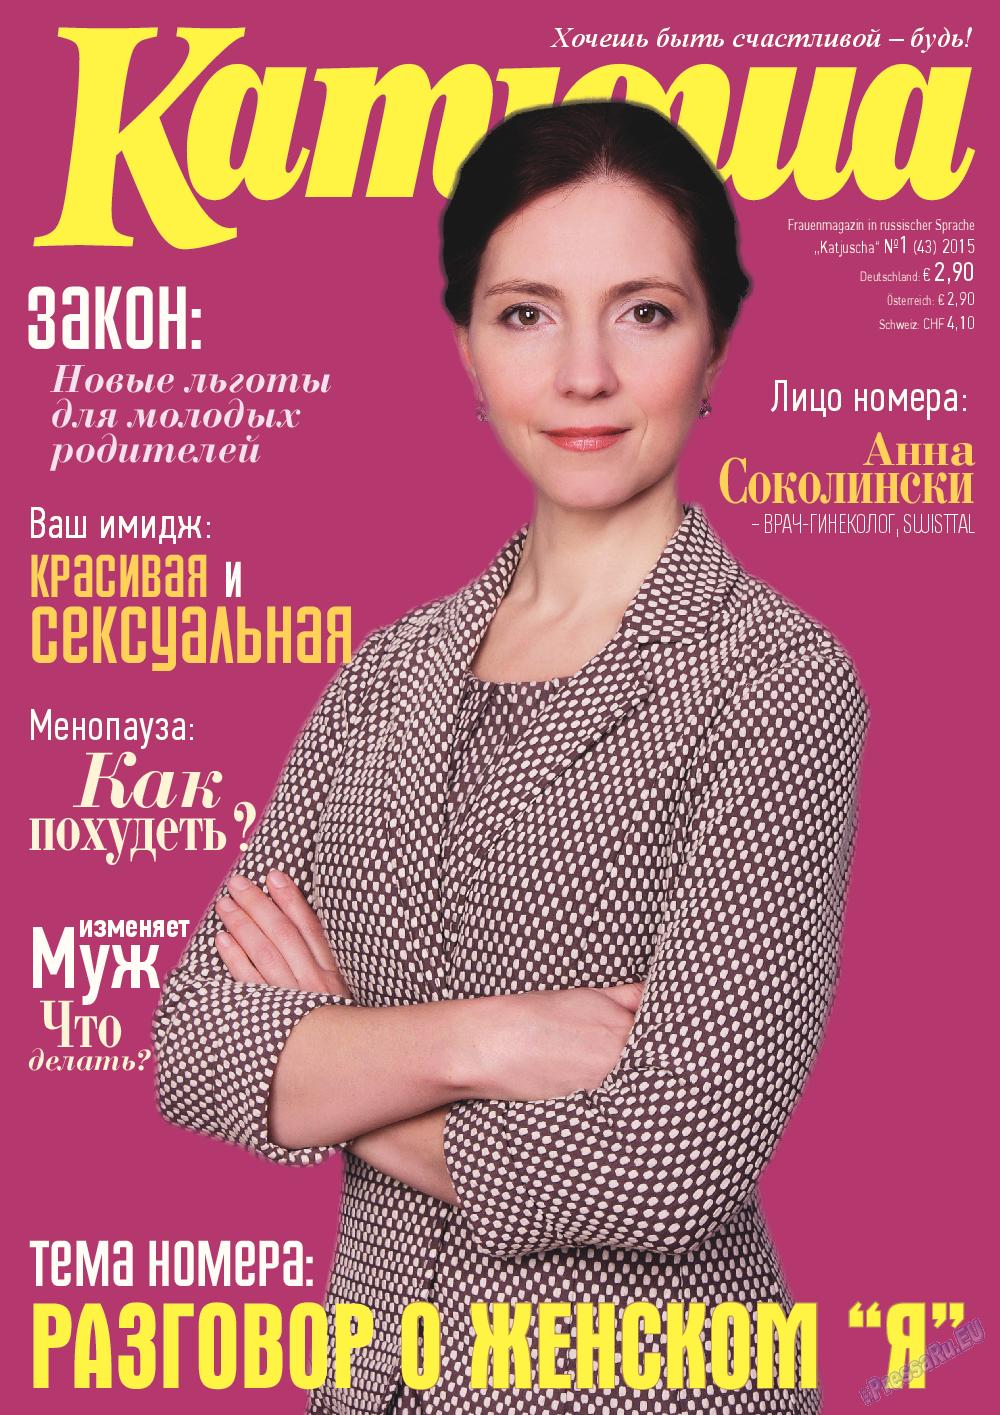 Катюша (журнал). 2015 год, номер 43, стр. 1